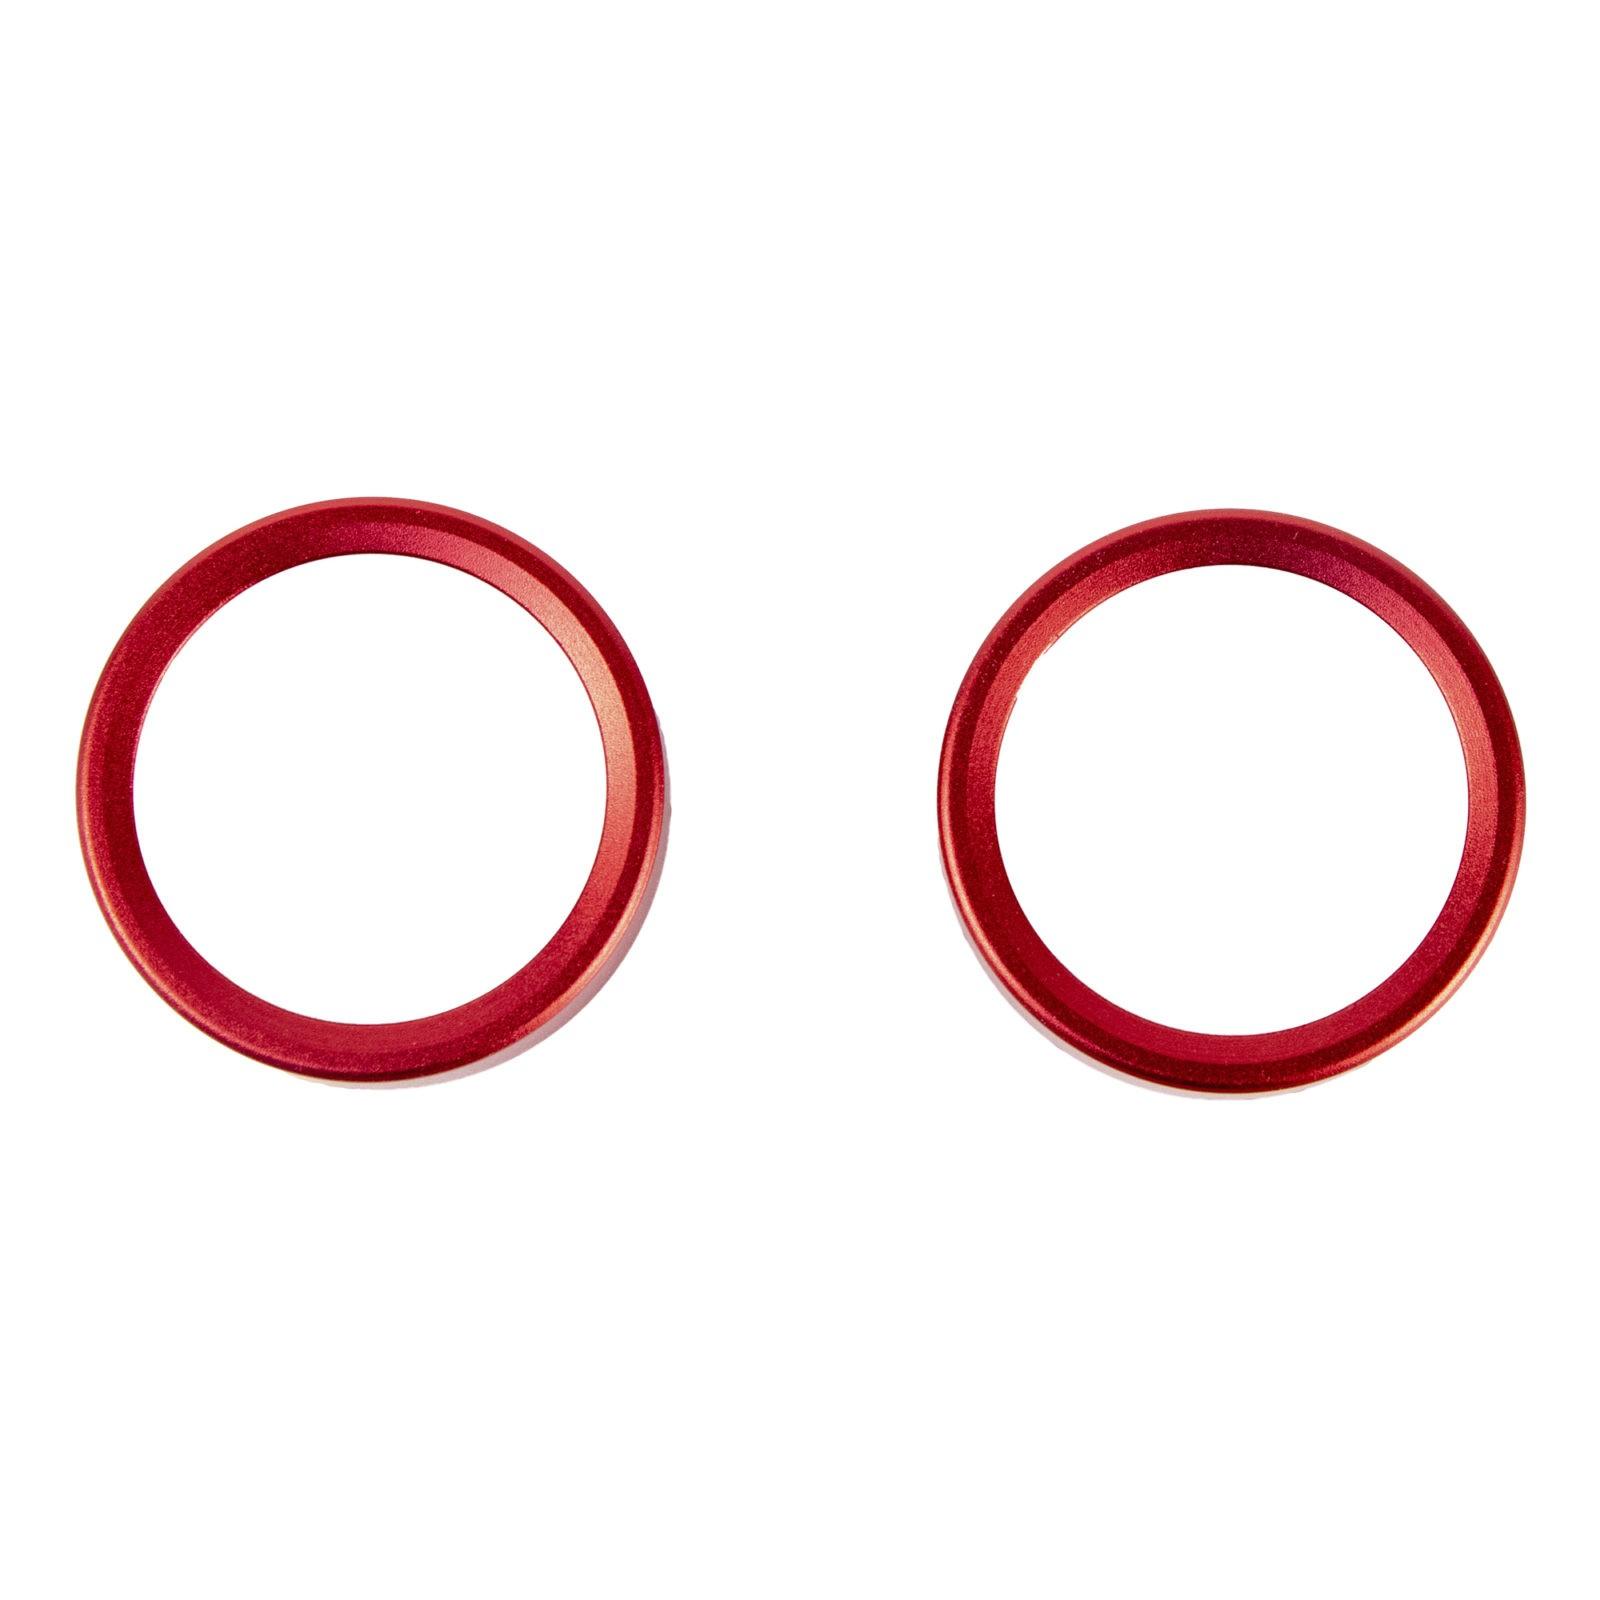 Накладки на ручки отопителя для LADA Vesta, Xray (красные)